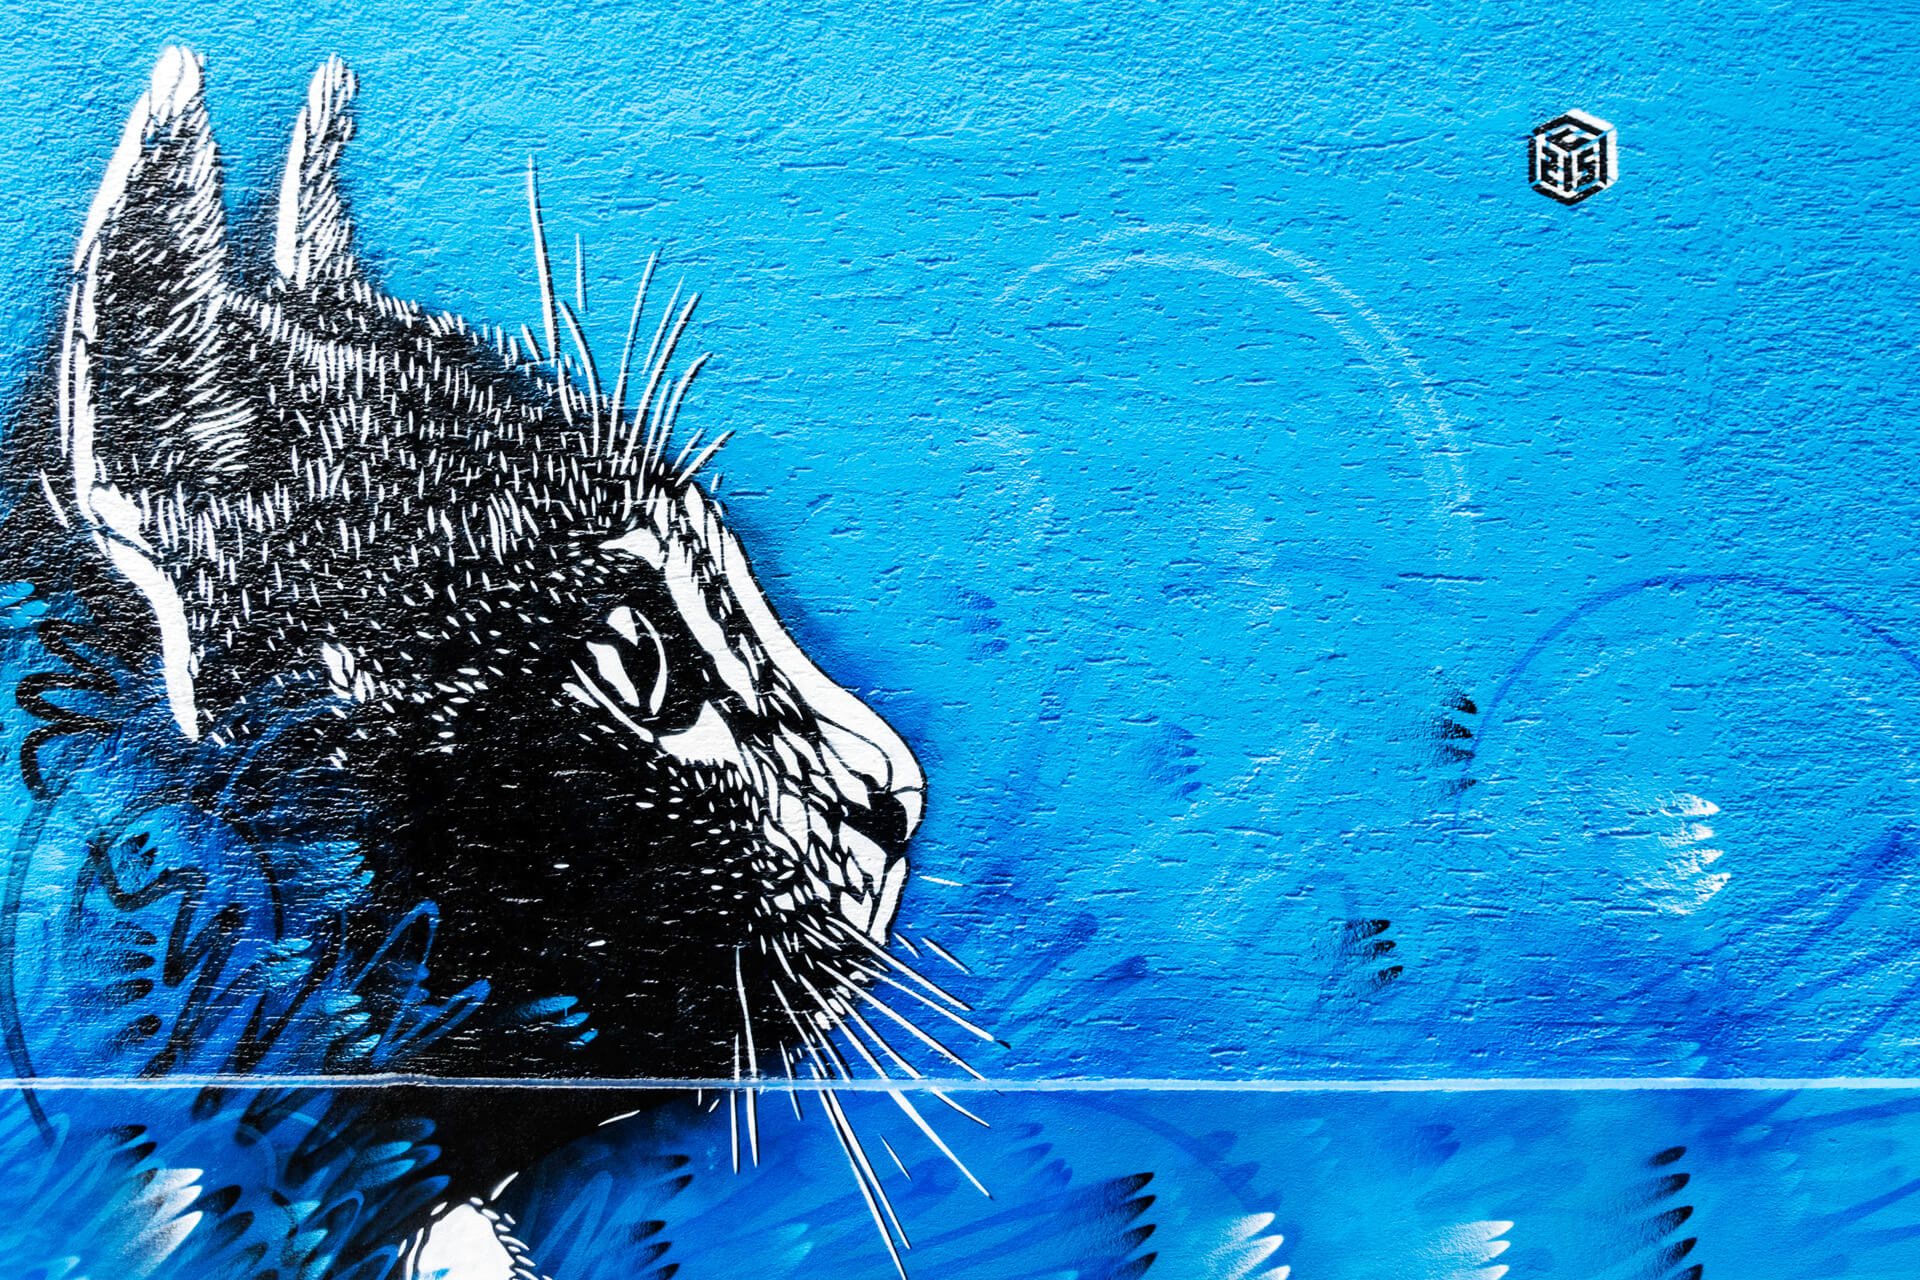 River Tales | Flussgeschichten | 2017 | street art festival | C215